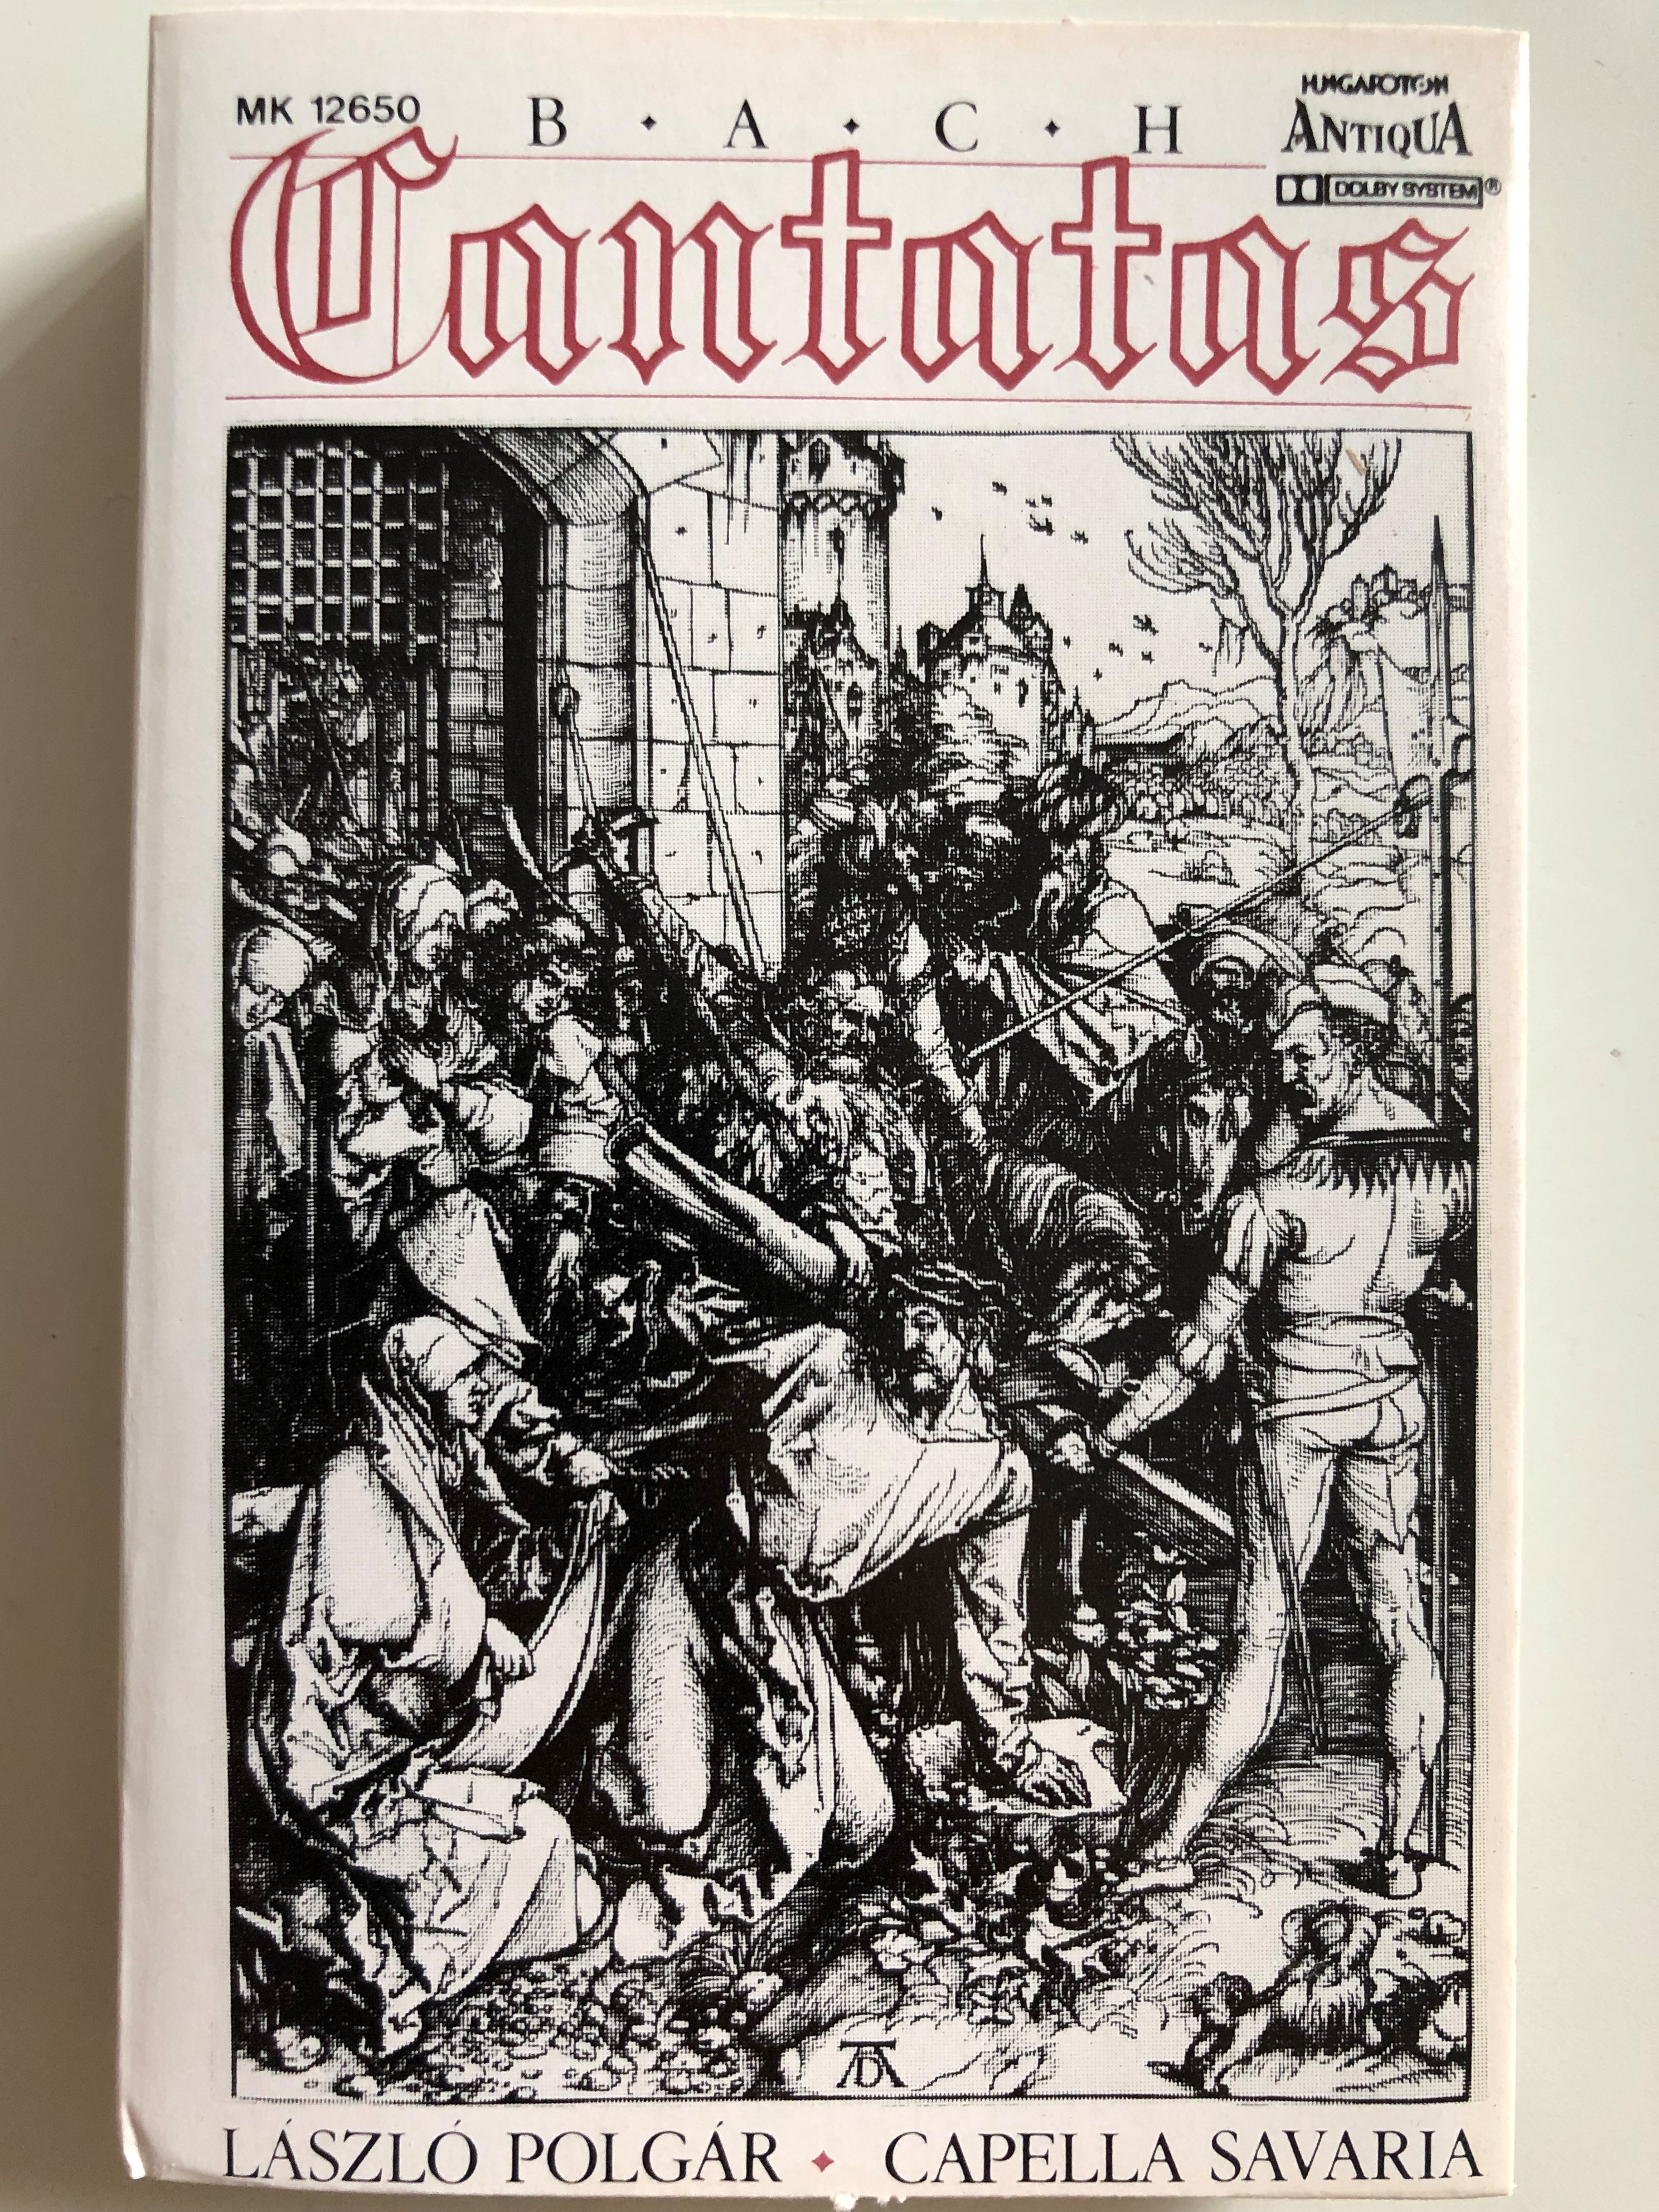 bach-cantatas-l-szl-polg-r-capella-savaria-conducted-p-l-n-meth-hungaroton-antiqua-cassette-stereo-mk-12650-1-.jpg